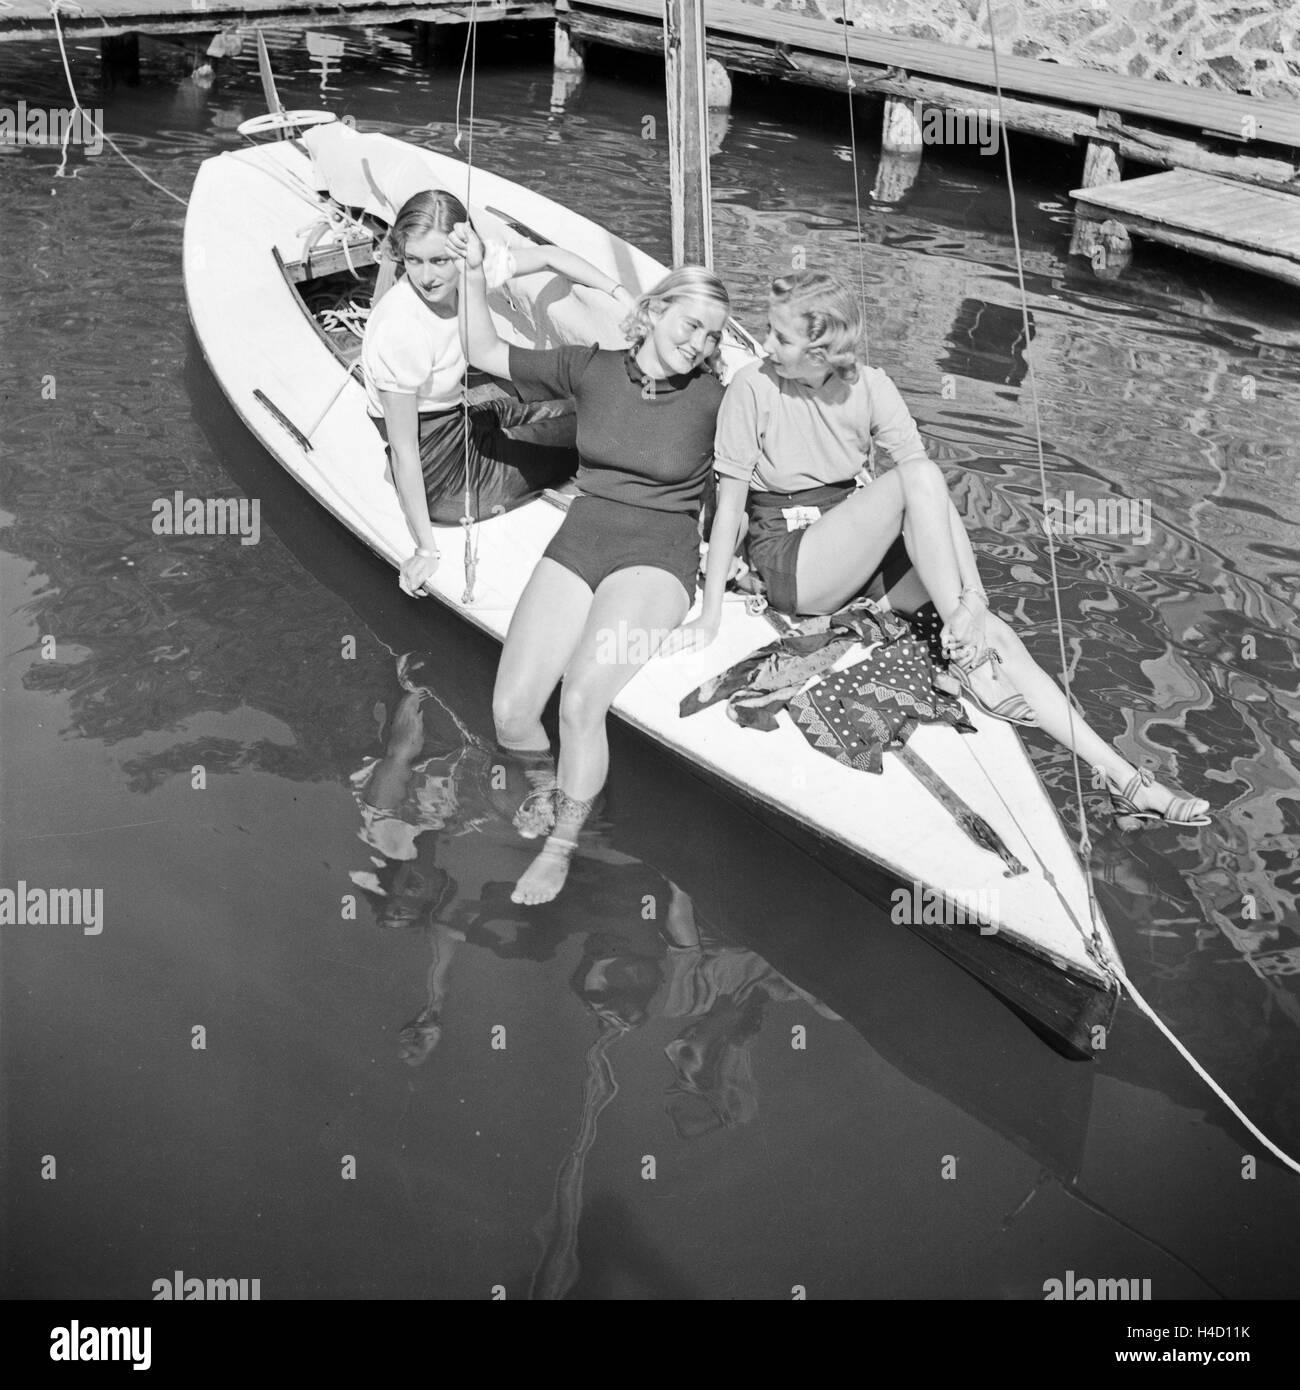 Drei Junge Frauen Auf Einem Segelboot Auf Einems finden Sie in der Wachau in Österreich, Deutschland, 1930er Stockbild